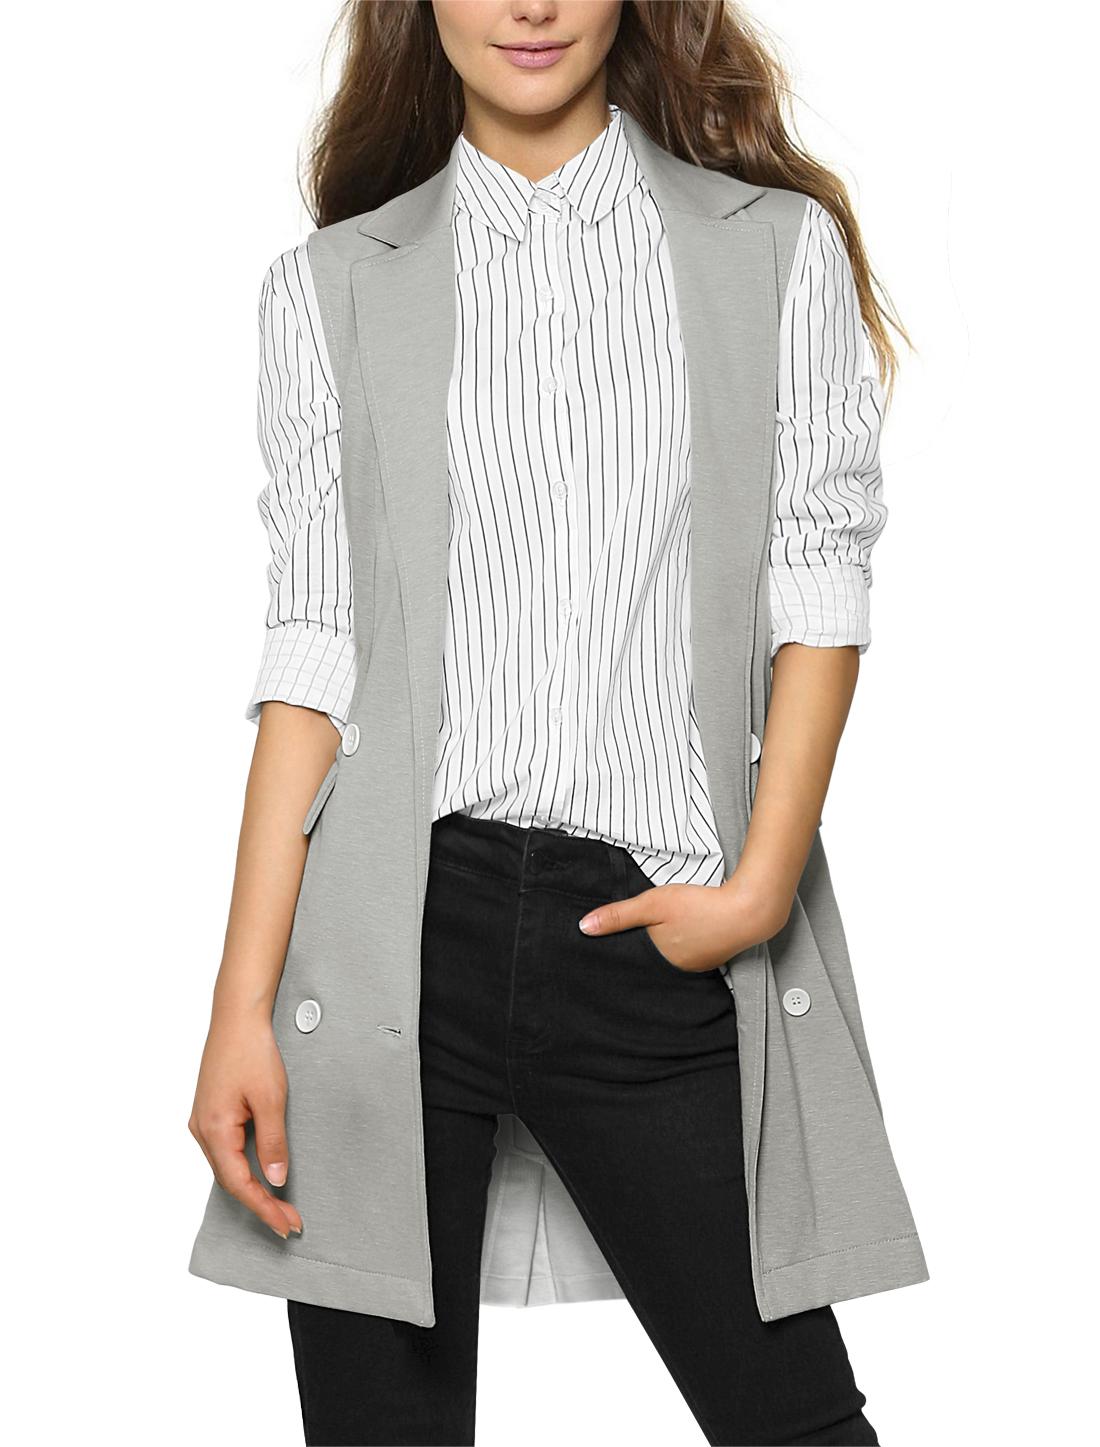 Allegra K Ladies Sleeveless Split Back Double Breasted Long Vest Light Gray XS